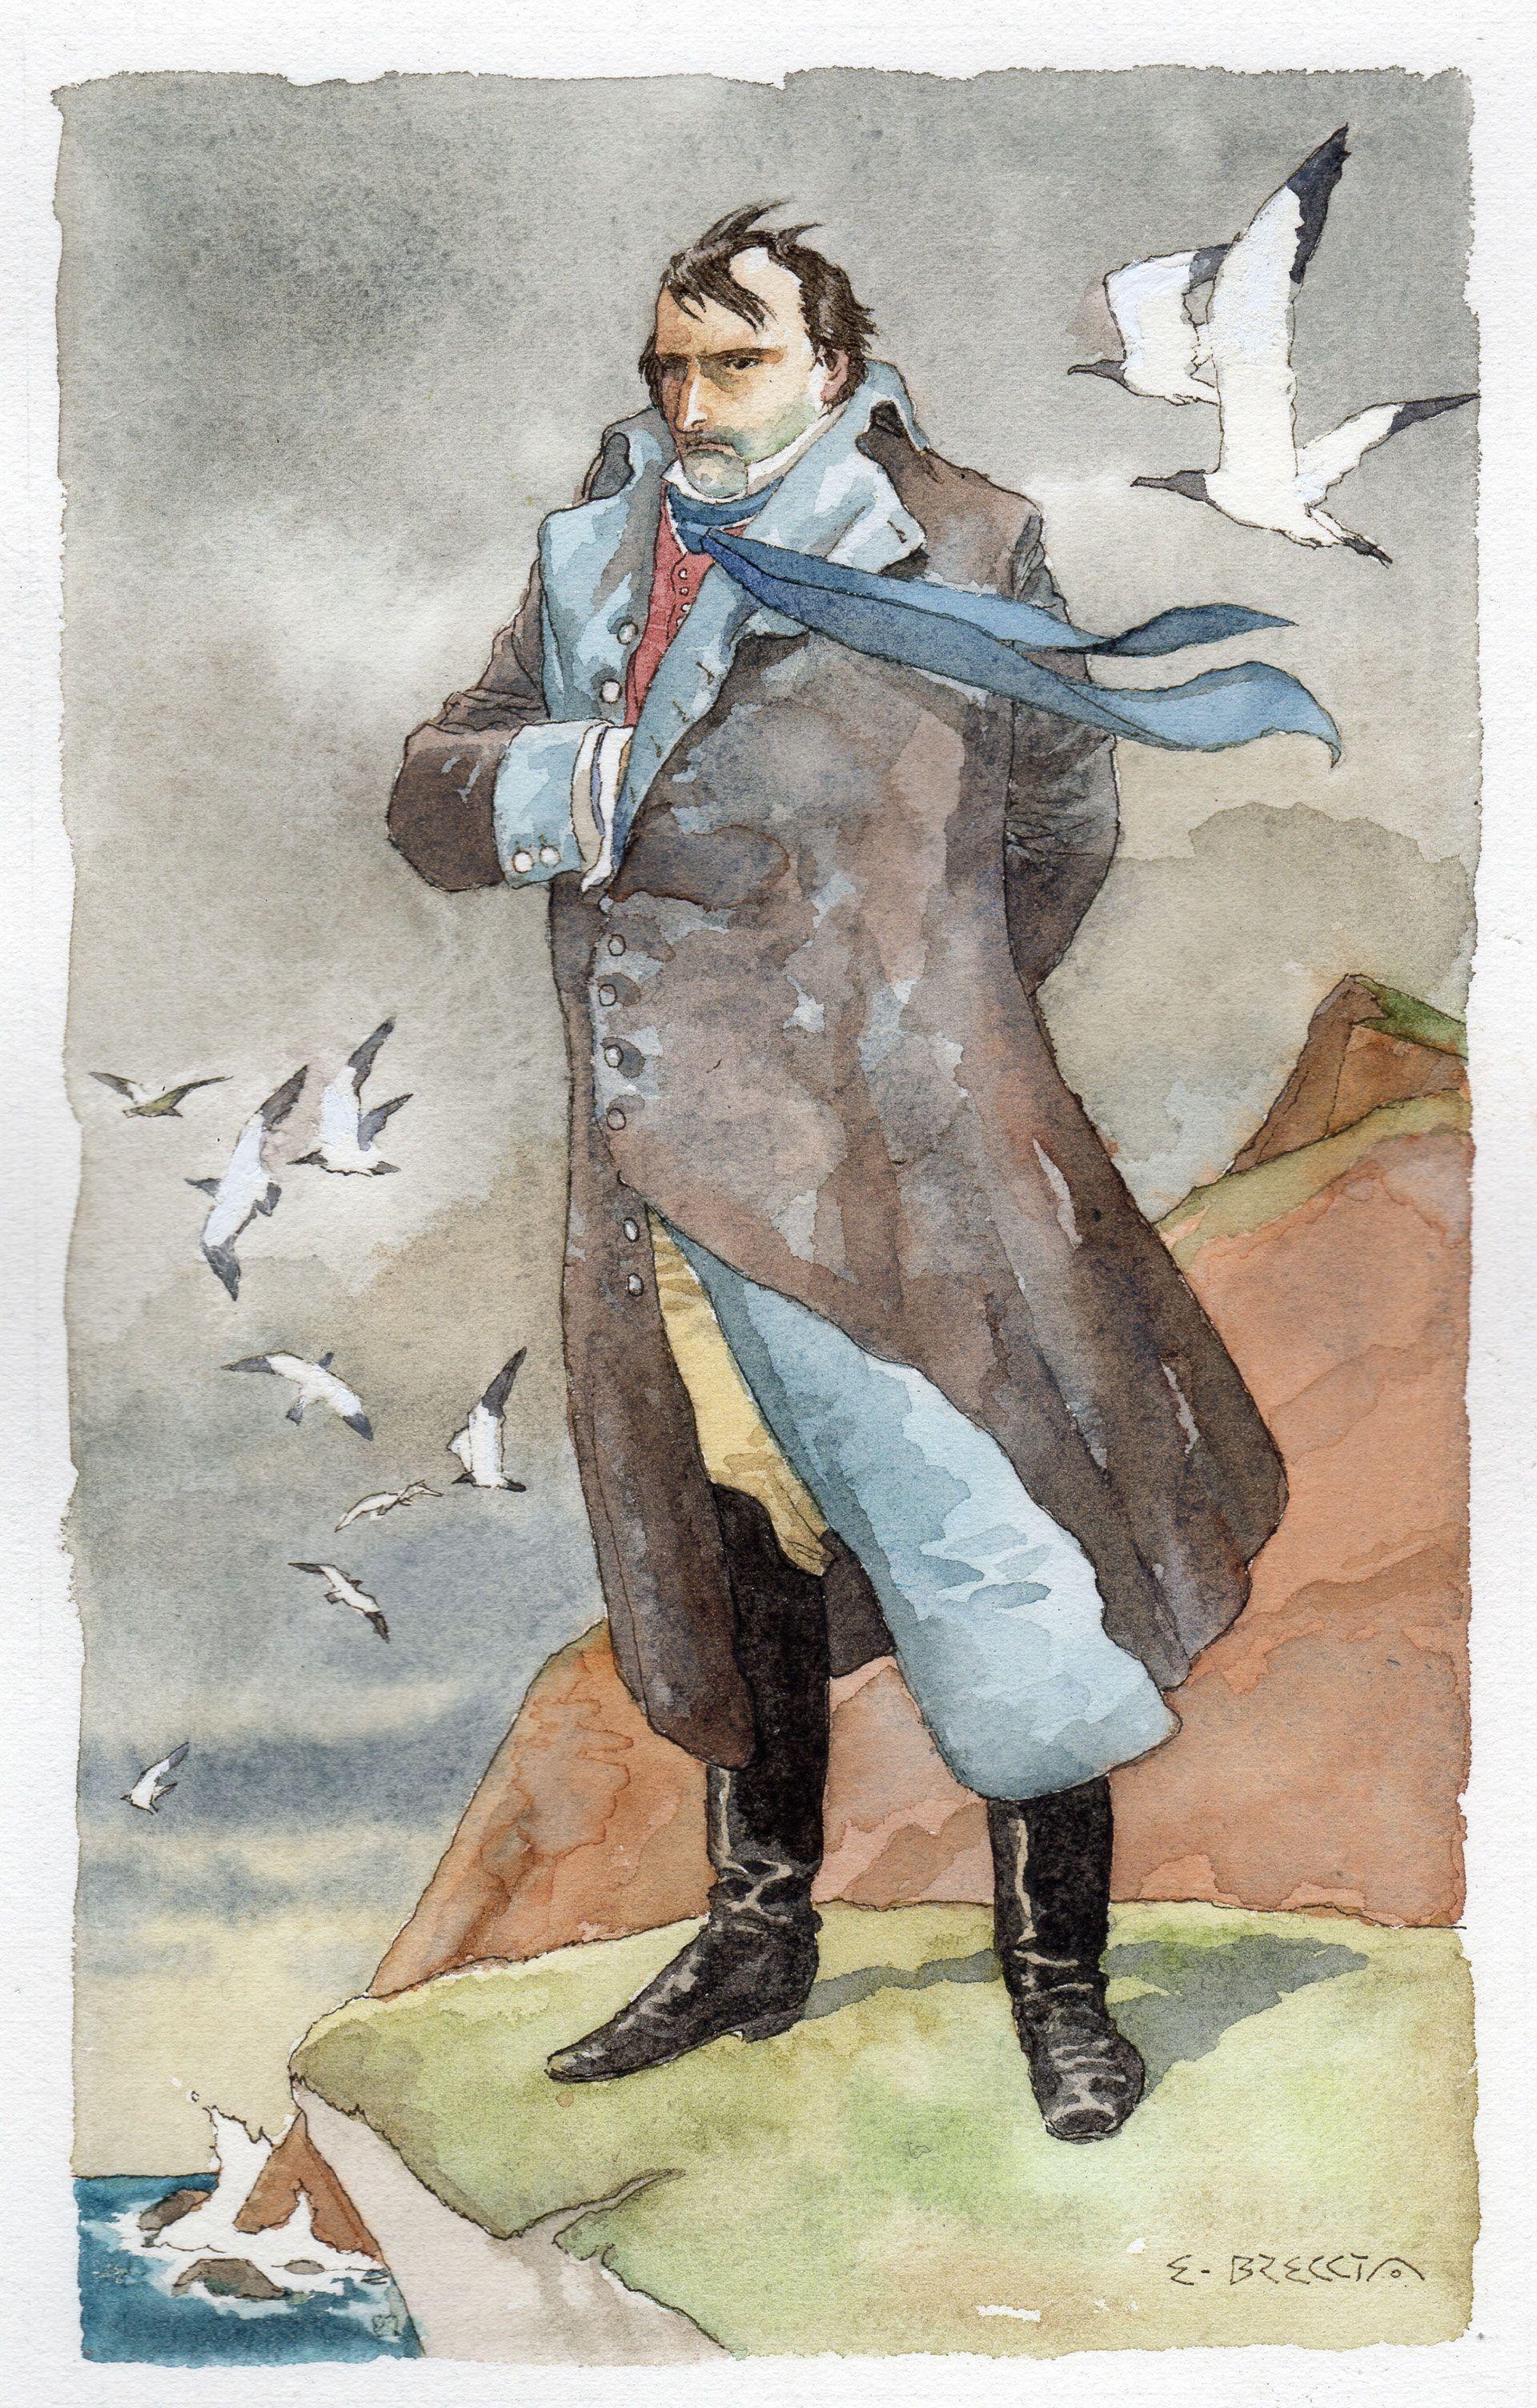 Napoleón en Santa Elena (Enrique Breccia)